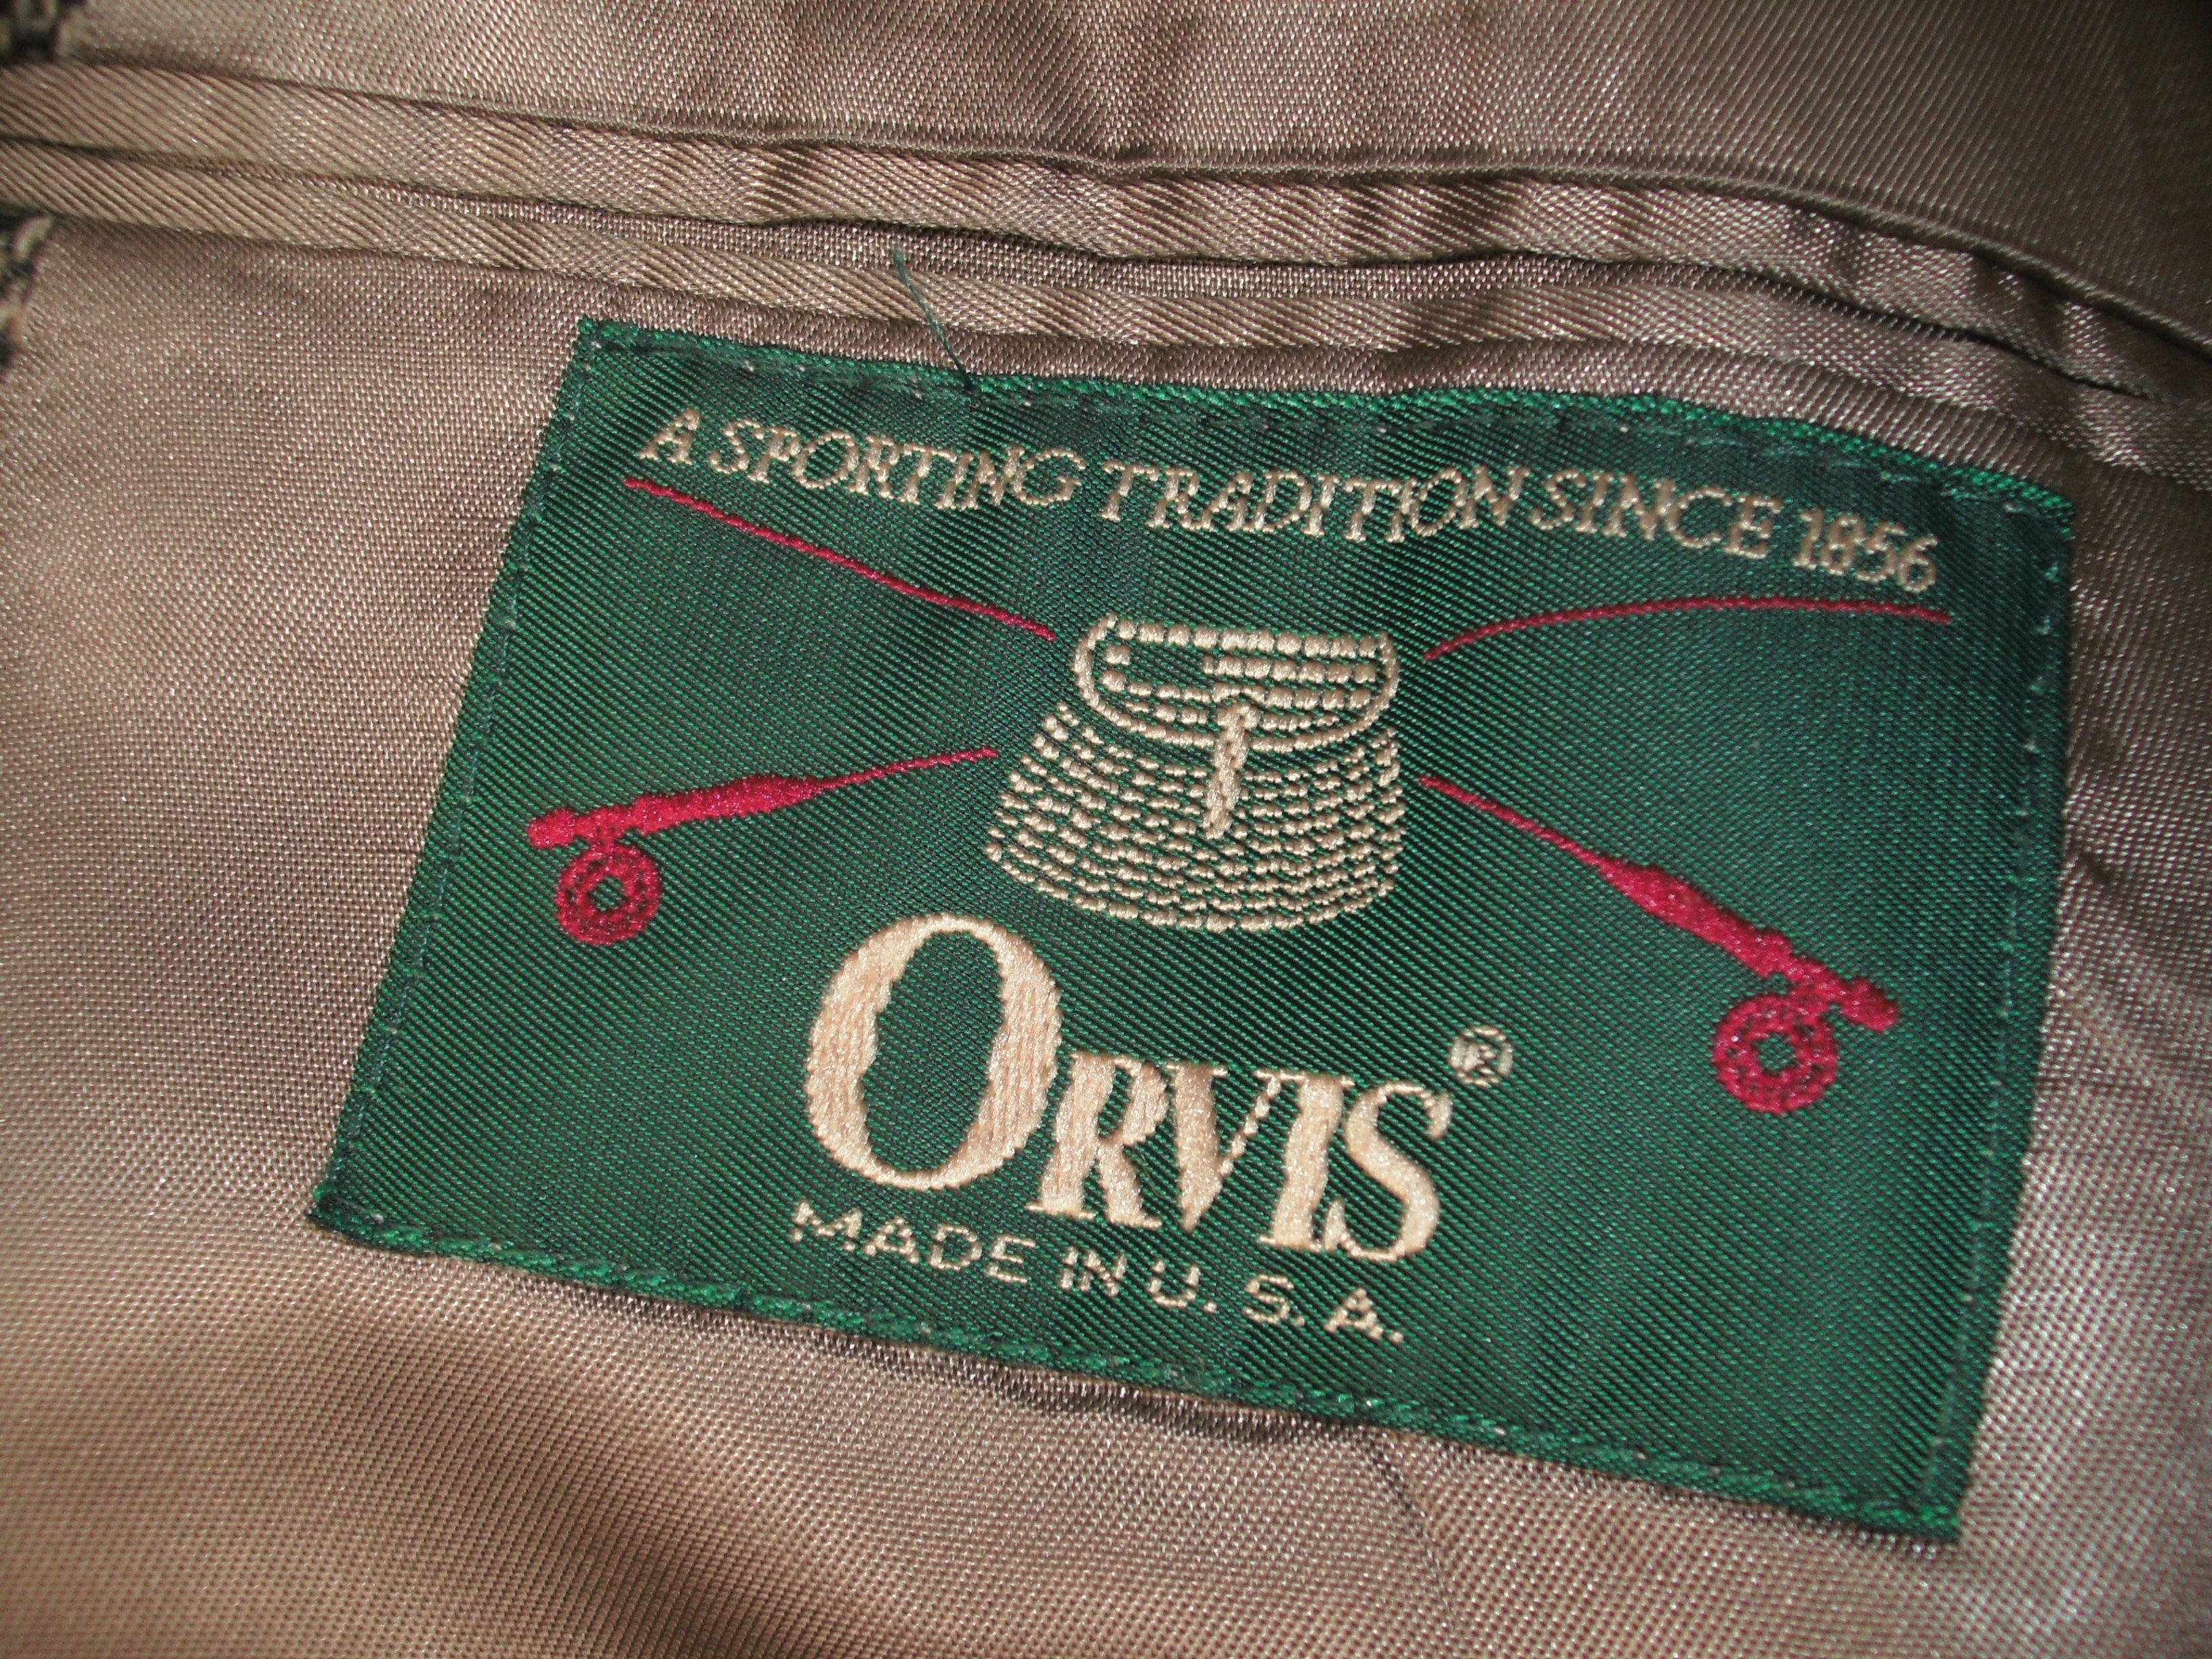 Orvis Tweed (10).JPG